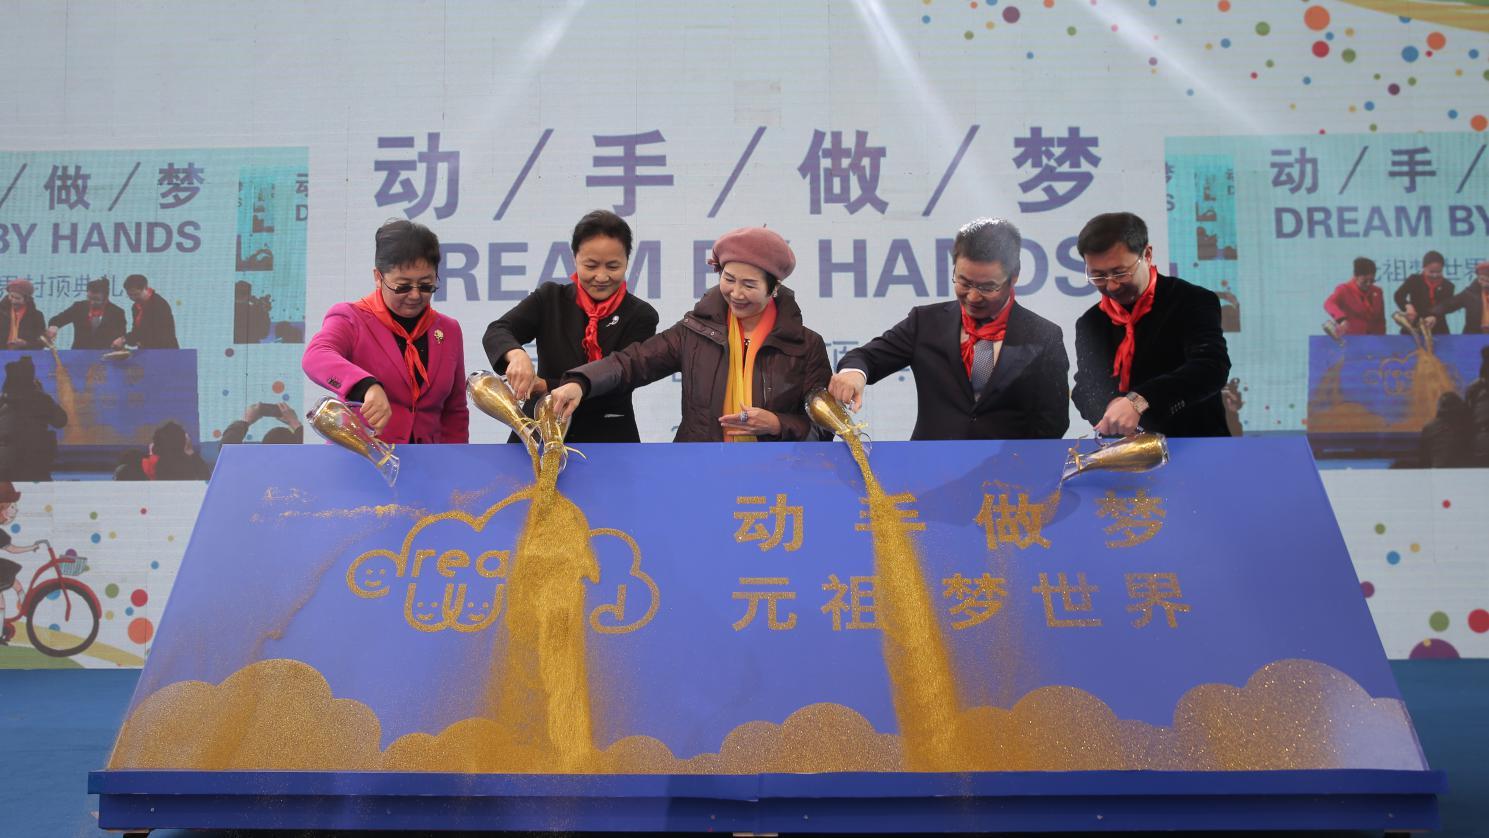 12月16日,中国首个全面面向3-10岁儿童的育乐生活空间元祖梦世界GANSO DREAM WORLD在上海举行了充满童趣的结构封顶典礼。   上海市青浦区副区长倪向军、青浦区发改委、经委等委办局,赵巷镇政府等部门领导,百大世界知名品牌、儿童教育和时尚界嘉宾共同见证了这一美好时刻。作为国家级战略大虹桥中心的重点建设项目,元祖梦世界自启动以来就以其极具创新的理念和纯儿童的商业模式备受关注,肩负着连接中国与国际儿童教育桥梁与纽带重任的元祖梦世界的结构封顶意味着离梦想绽放的那一刻更近了一步。    世界建筑